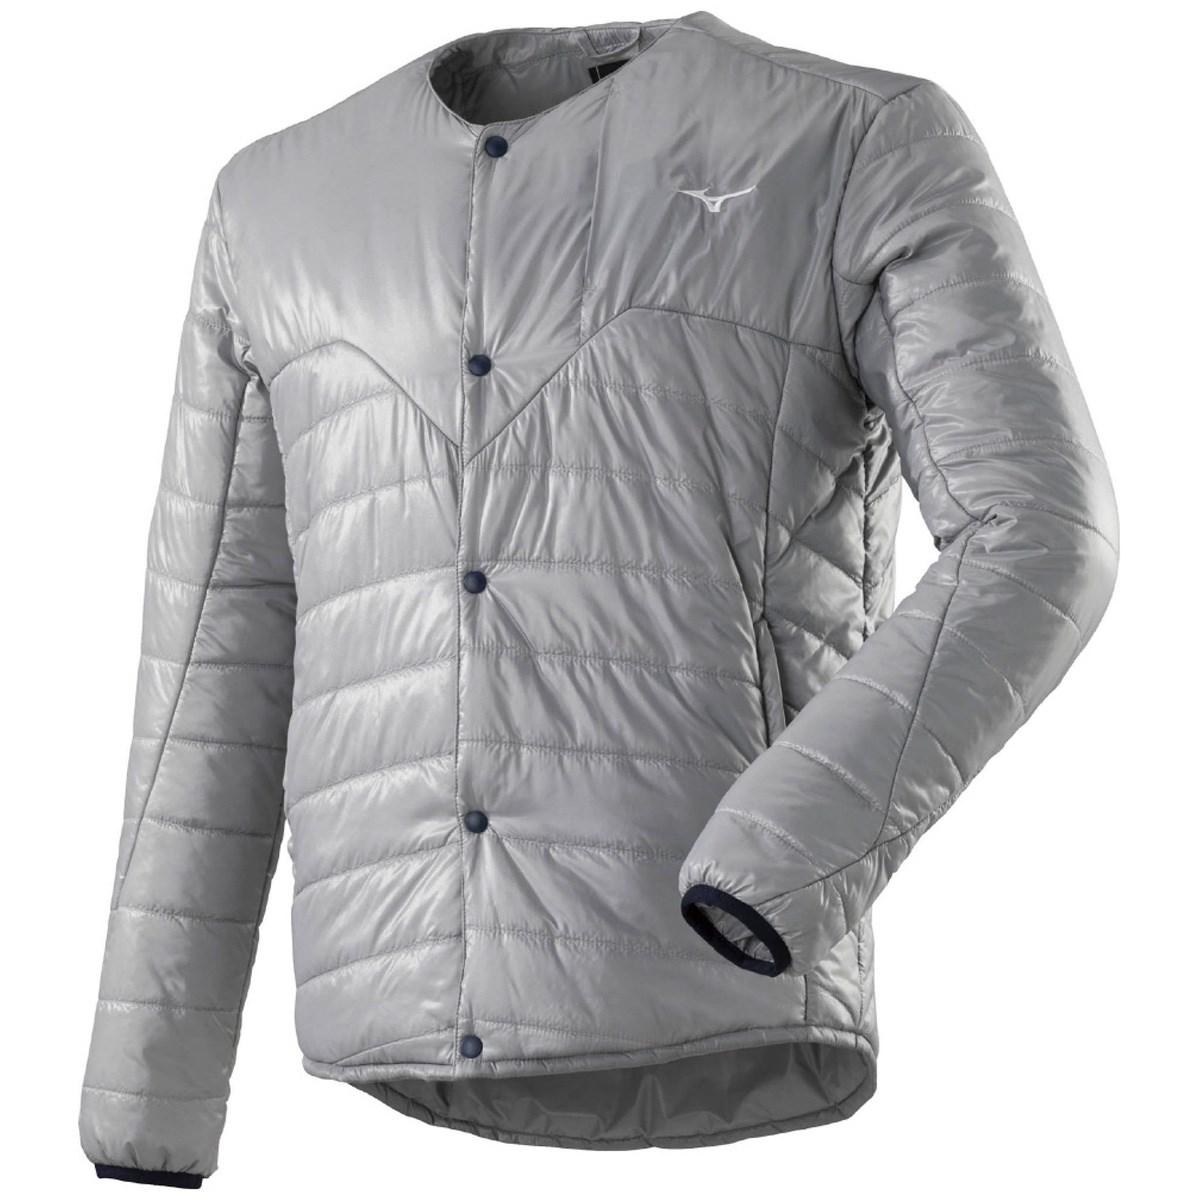 ミズノ(MIZUNO) サーモブリッドインサレーションジャケット